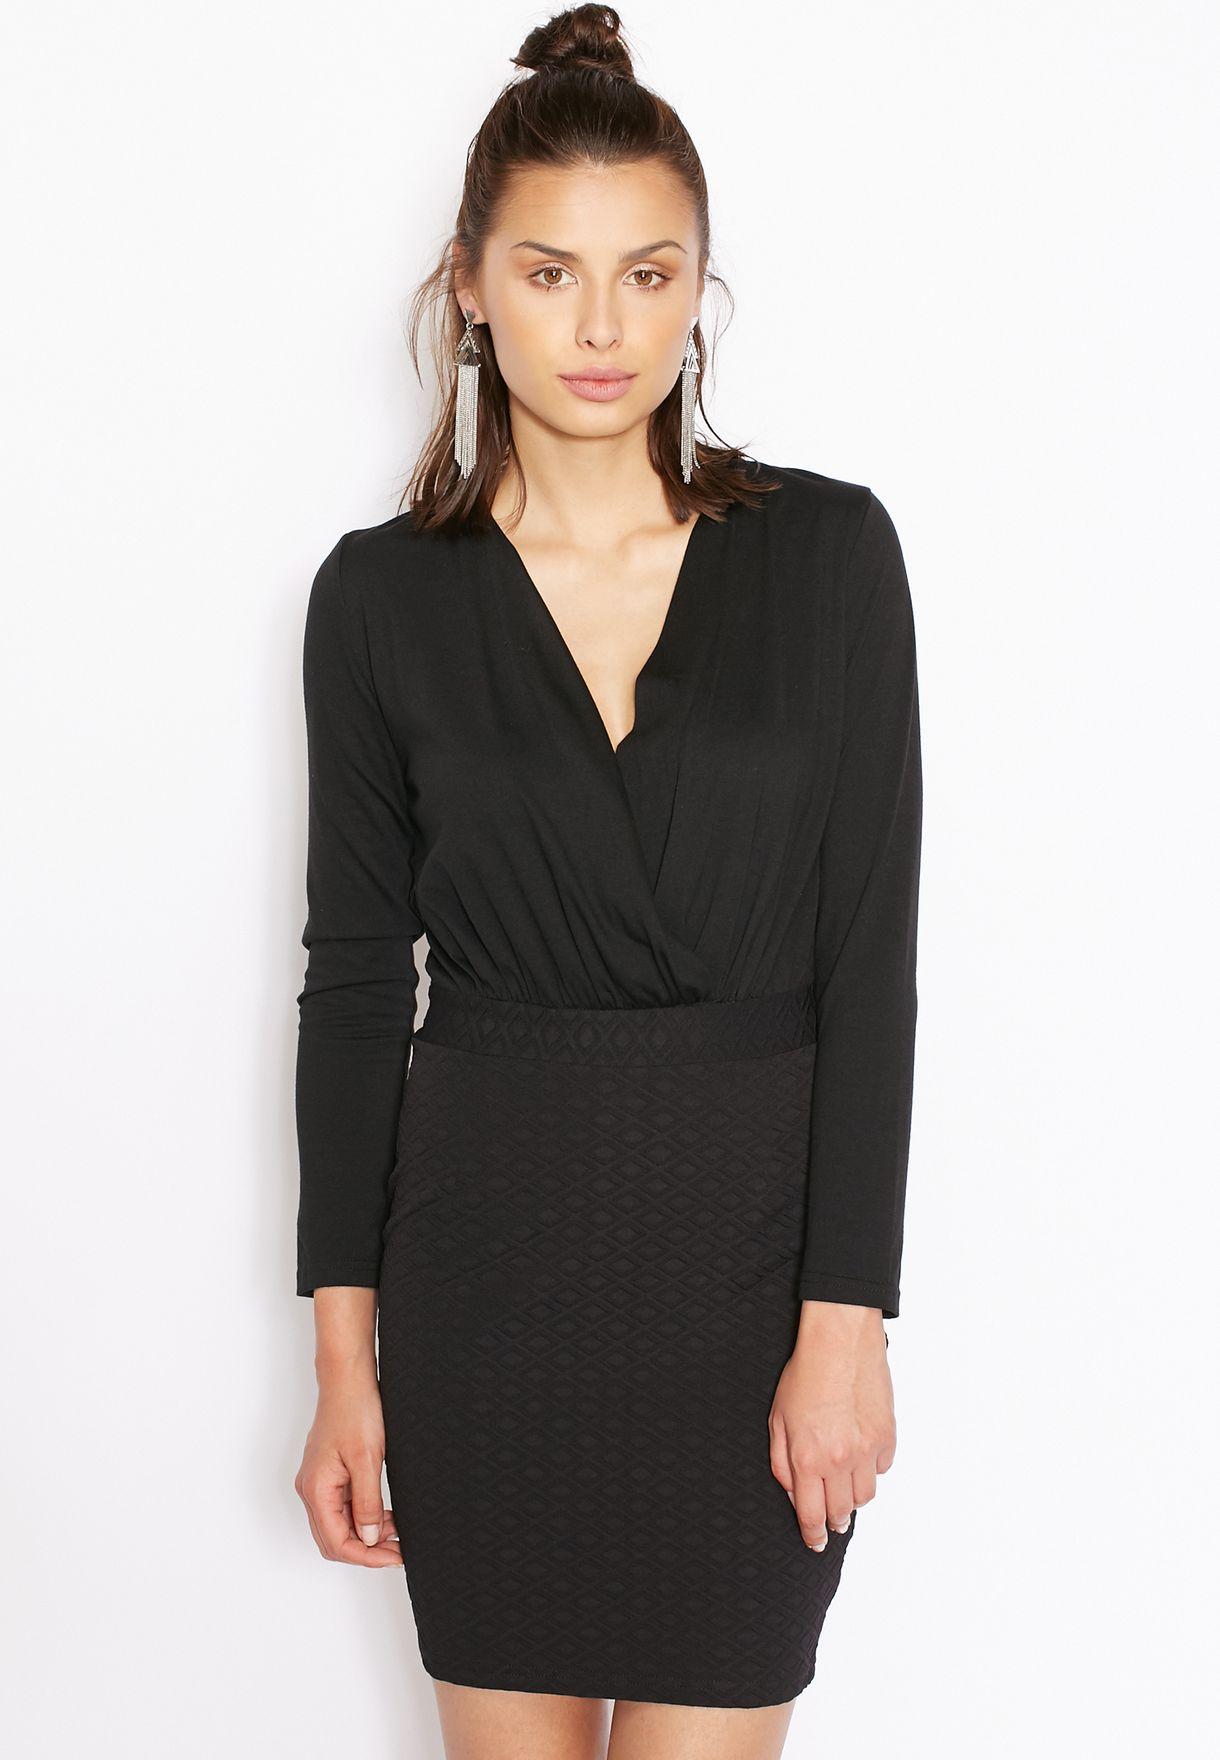 88e4afe065adc تسوق فستان لف ماركة جينجر لون أسود في الامارات - GI121AT23SIQ